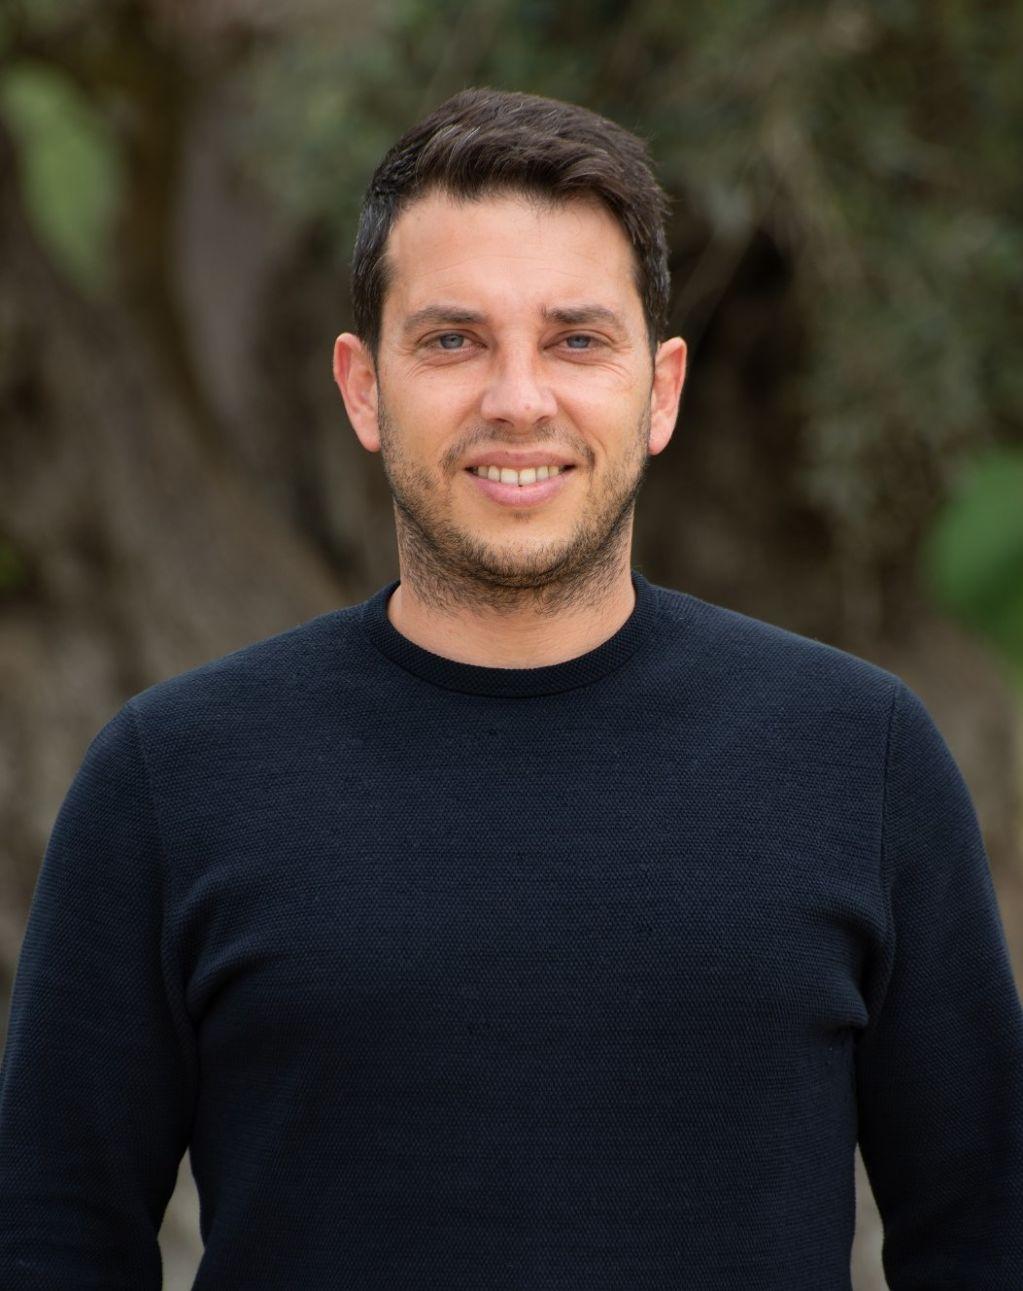 Jose Antonio Cobos